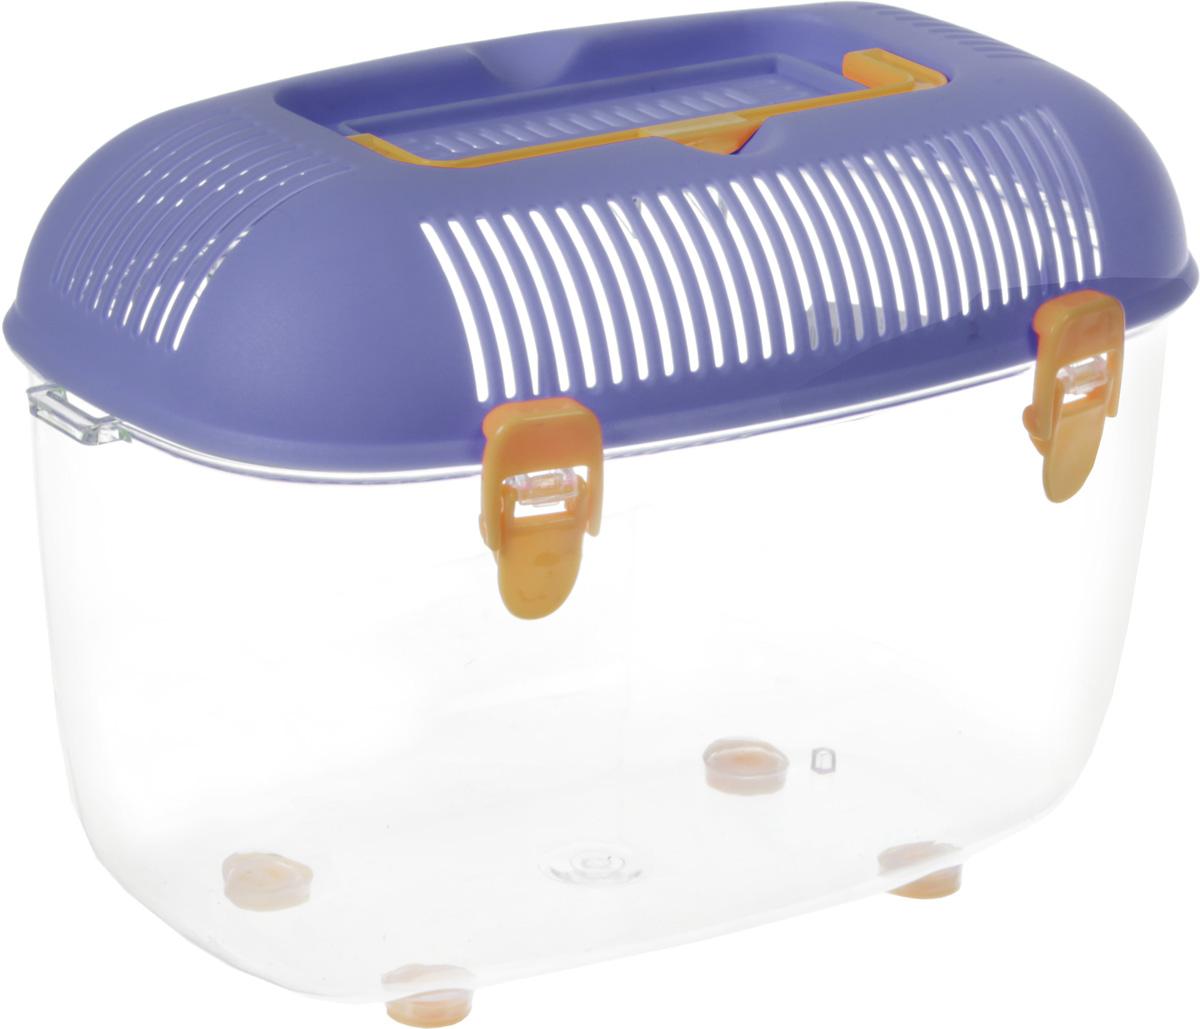 Переноска для грызунов №1, цвет: фиолетовый, 22,5 х 14 х 15 см клетка для грызунов i p t s mini с игровым комплексом 32 см х 20 см х 24 см